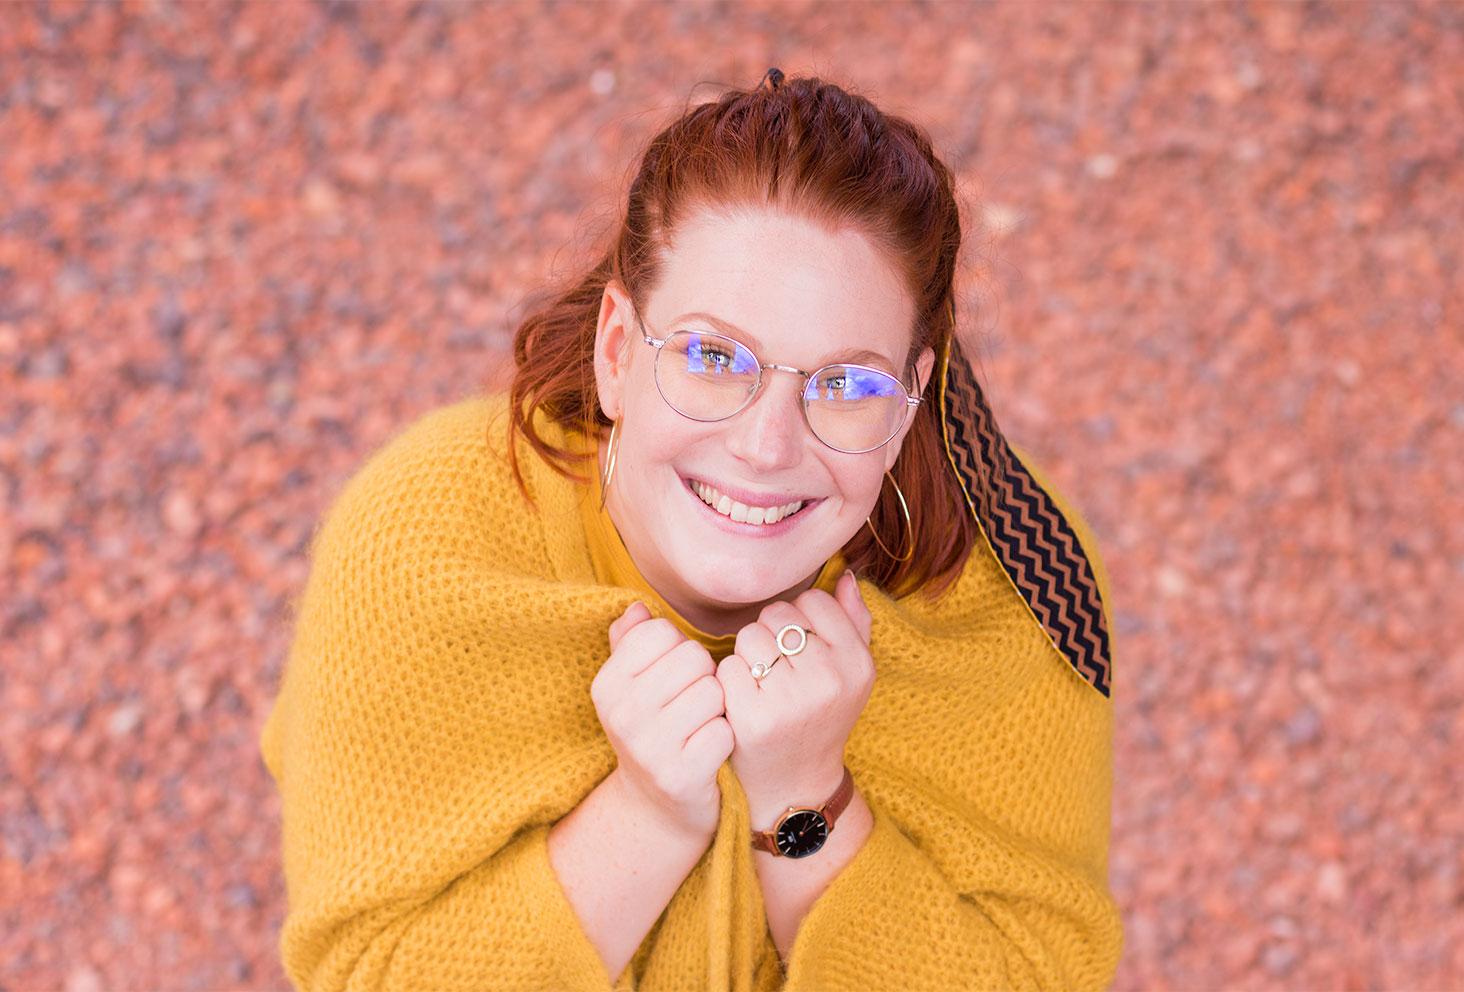 Portrait avec le sourire de haut, le gilet jaune en laine porté serré entre les deux mains à l'avant